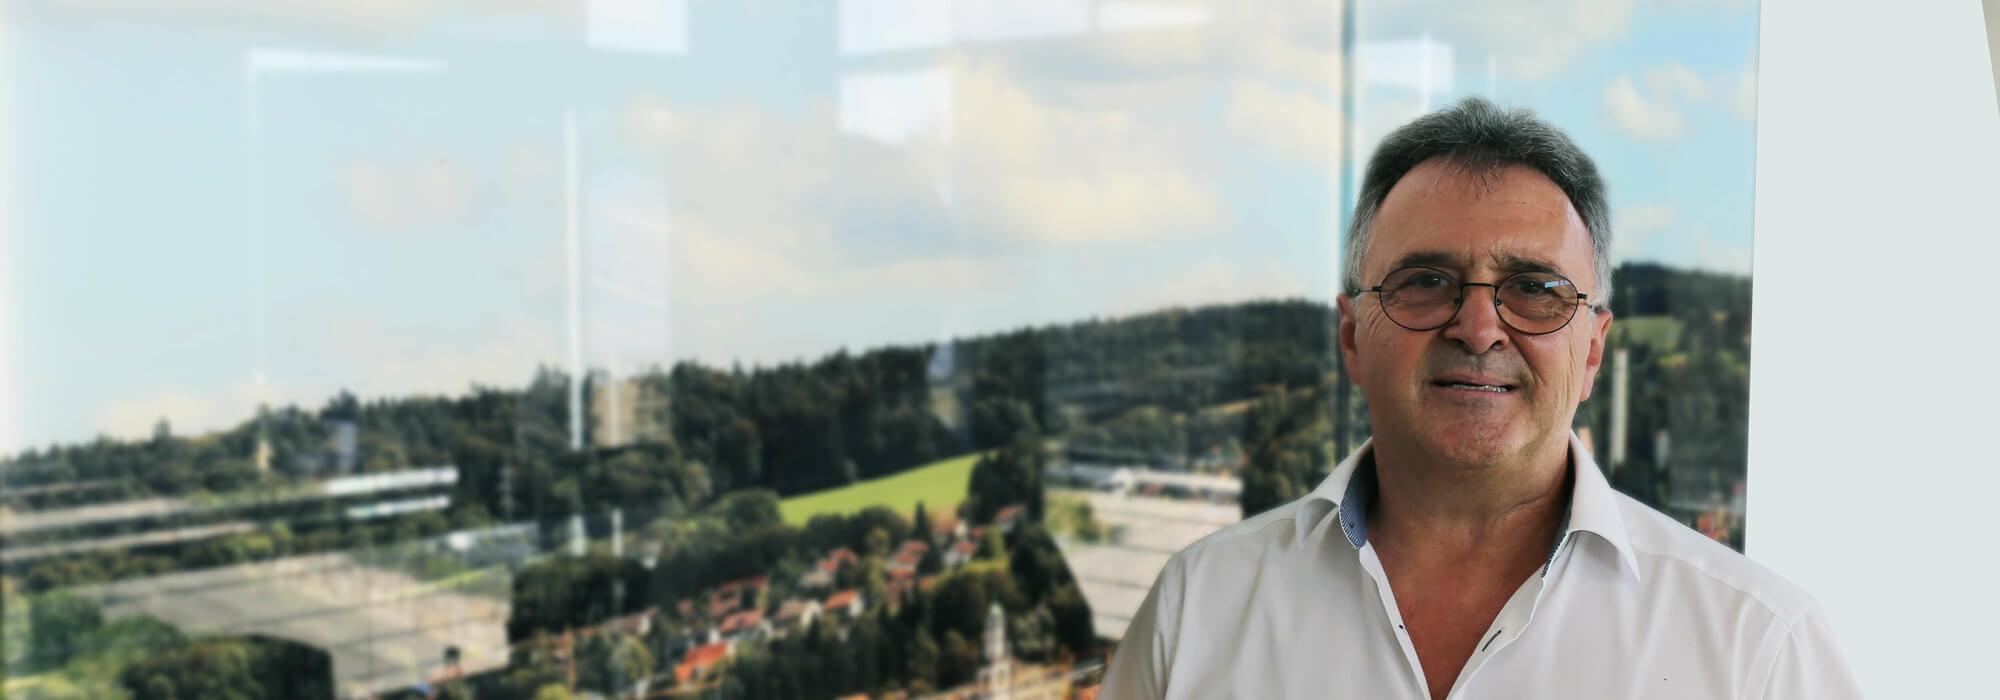 Werner Kronenberger: SPRINZ Interieur Handelsvertretung Baden-Württemberg, Saarland, Rheinland-Pfalz und Luxemburg